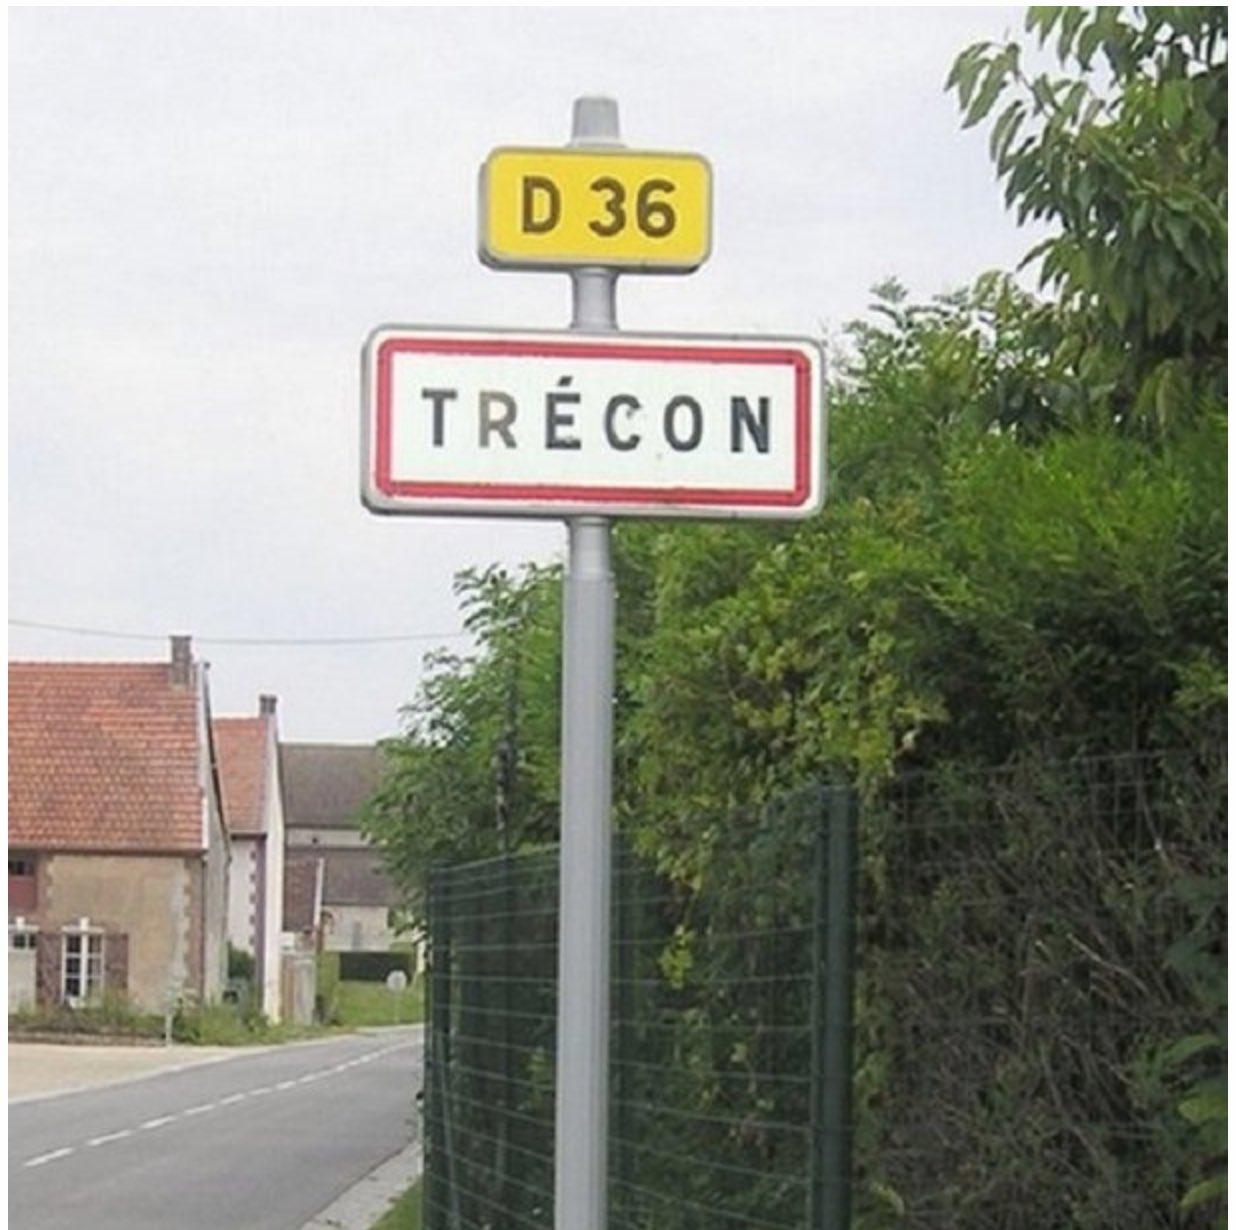 panneau_ville_trecon_marne